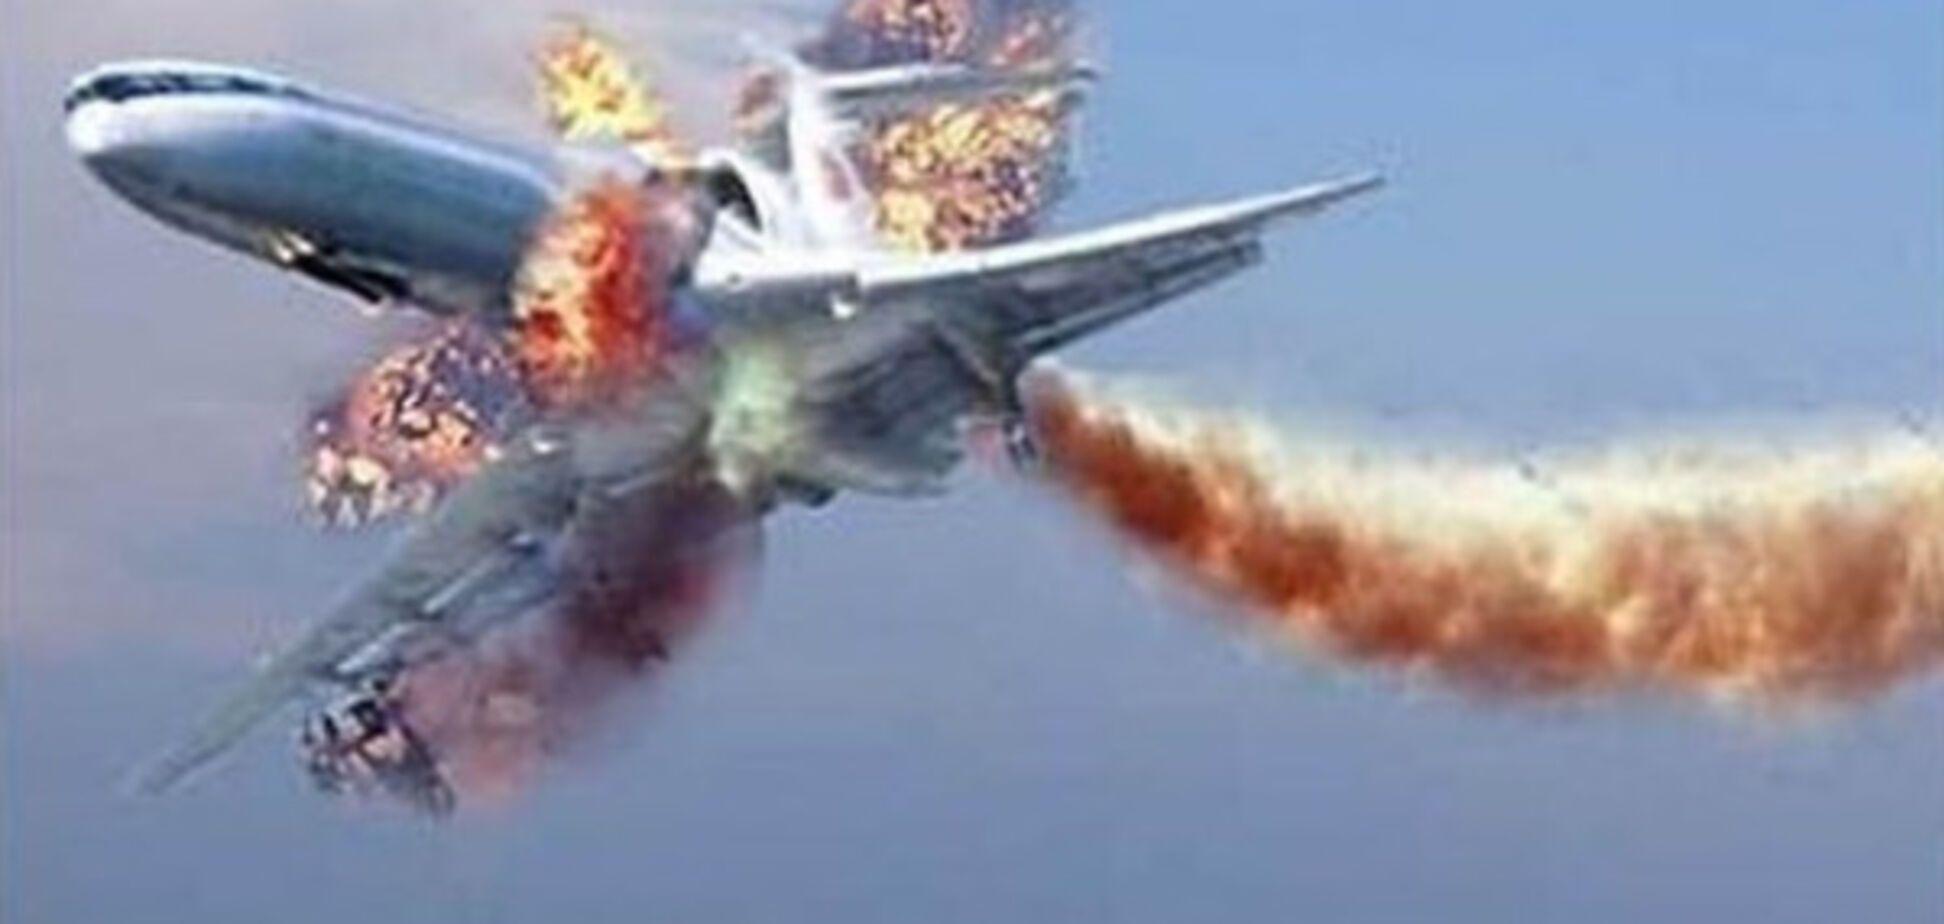 'Сбитый Украиной' в 2001 году российский Ту-154 был взорван изнутри - генерал